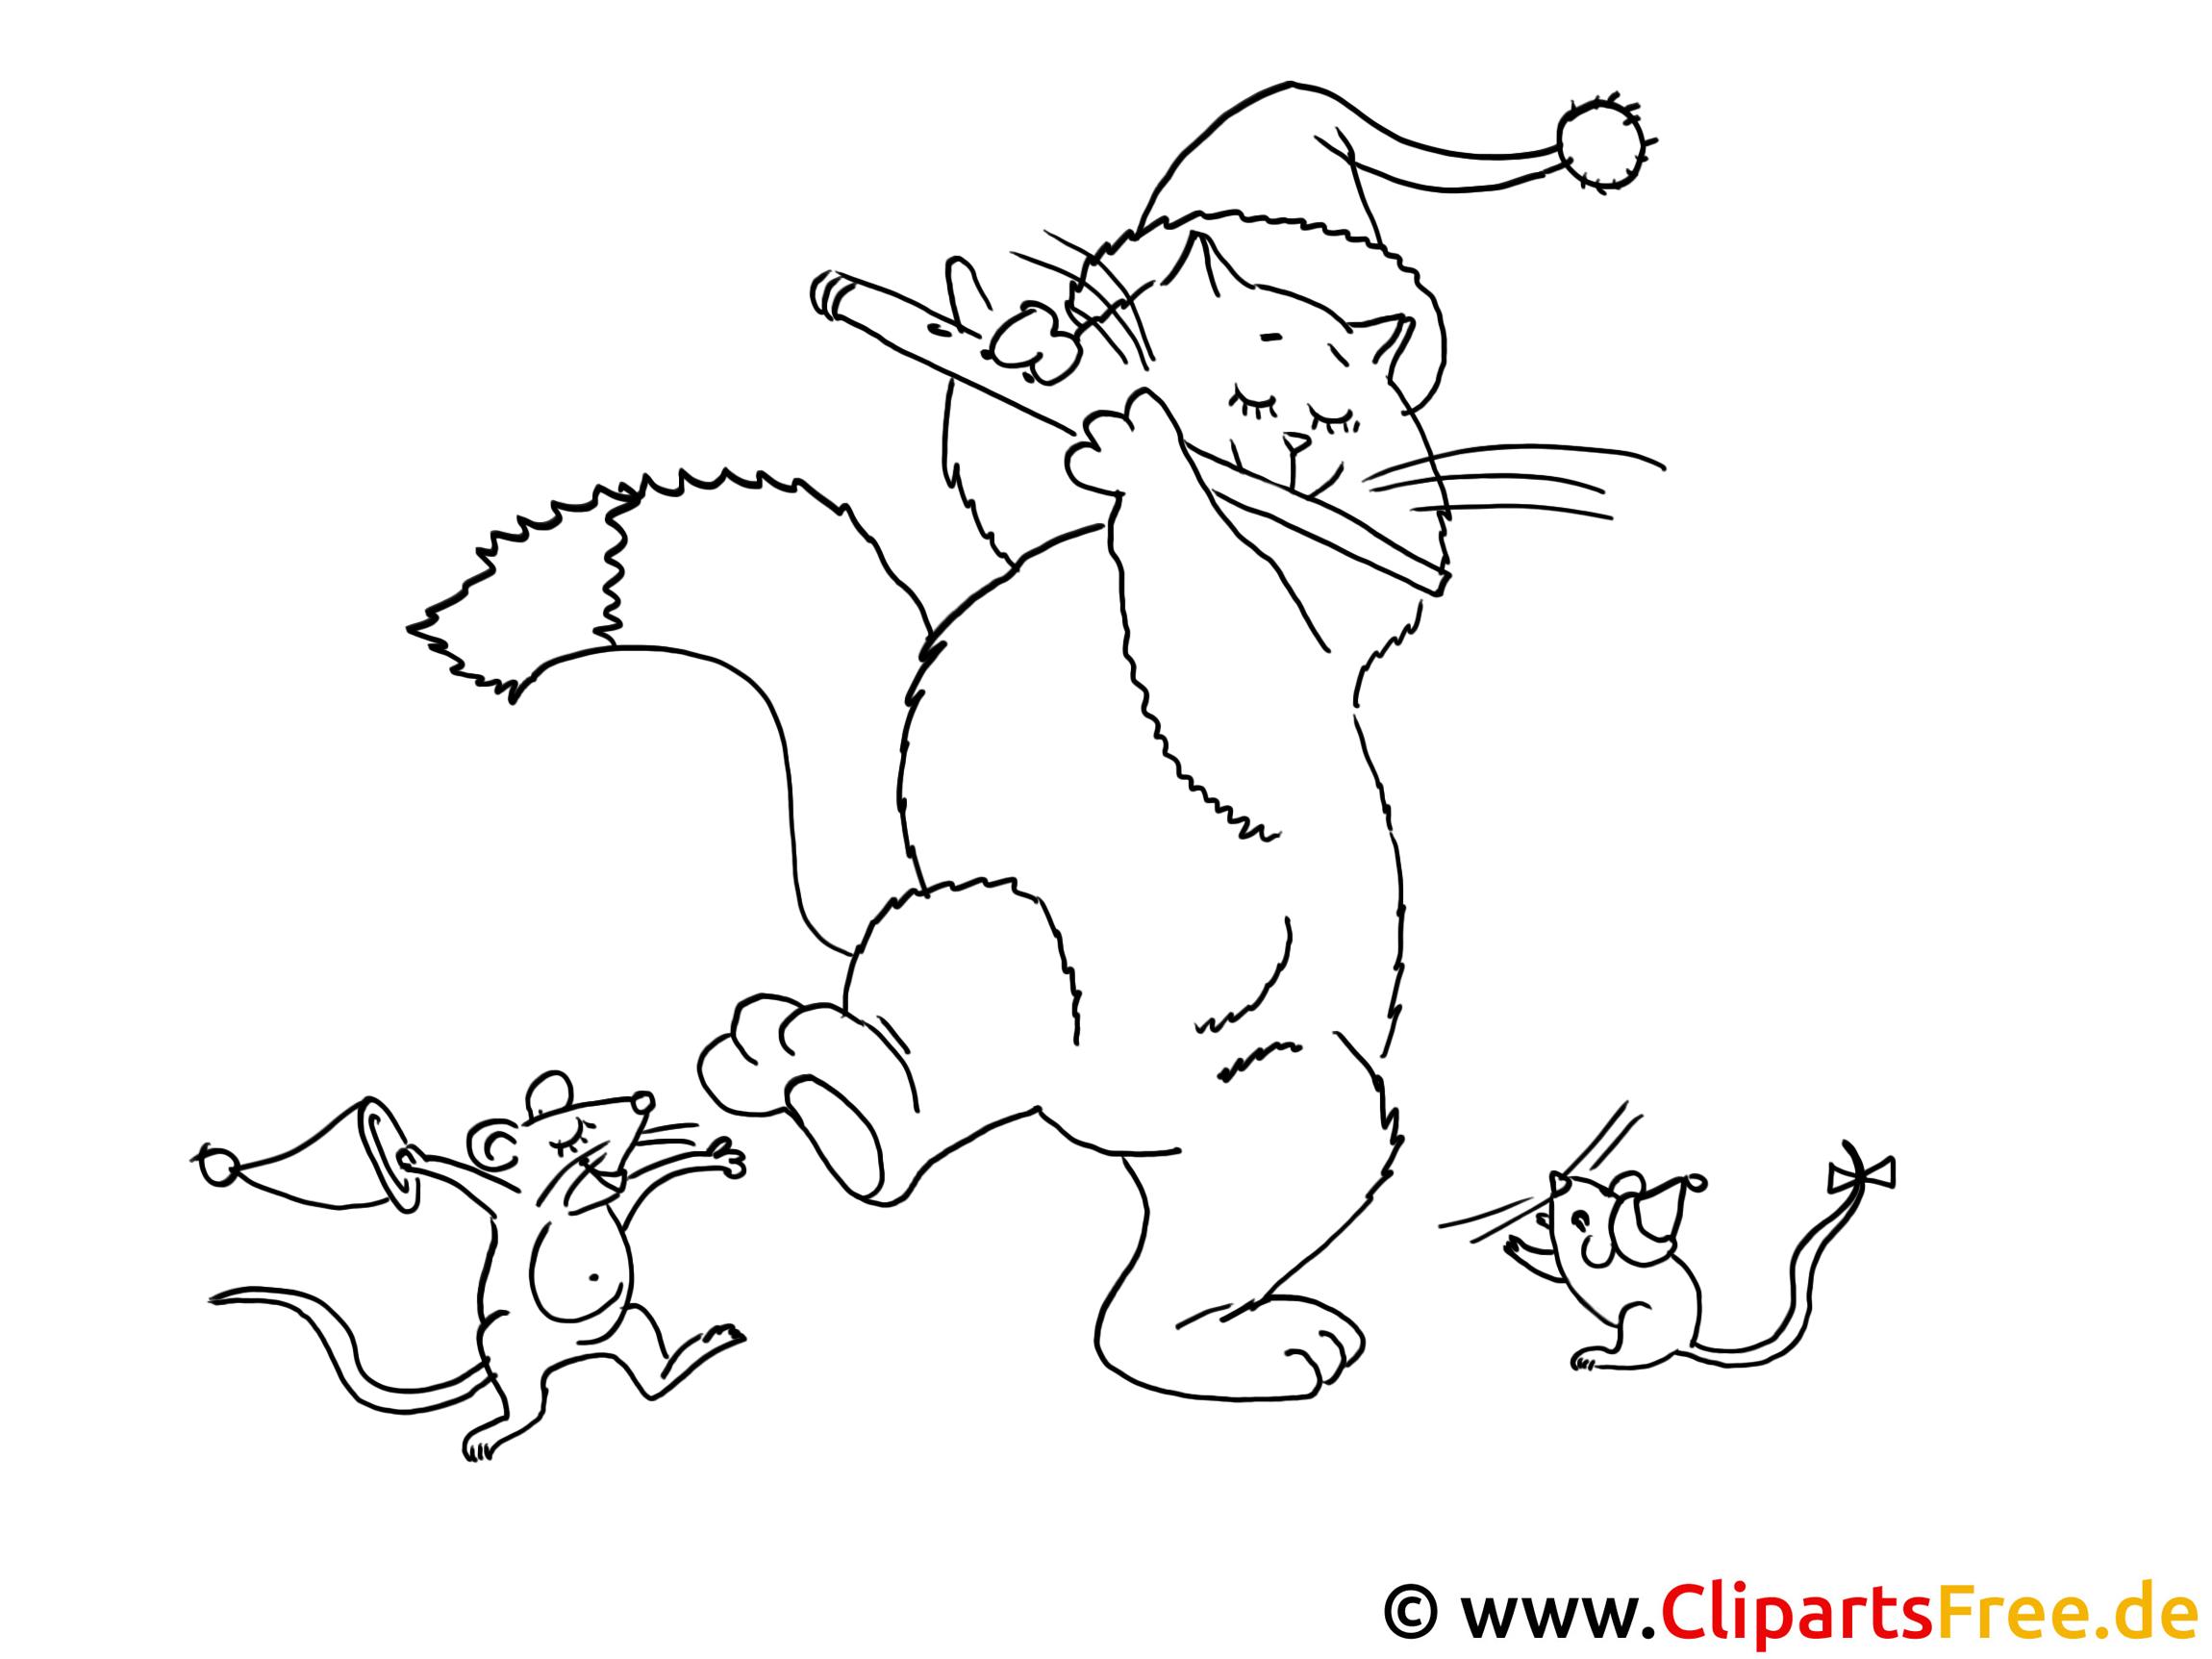 kinder ausmalen zu weihnachten